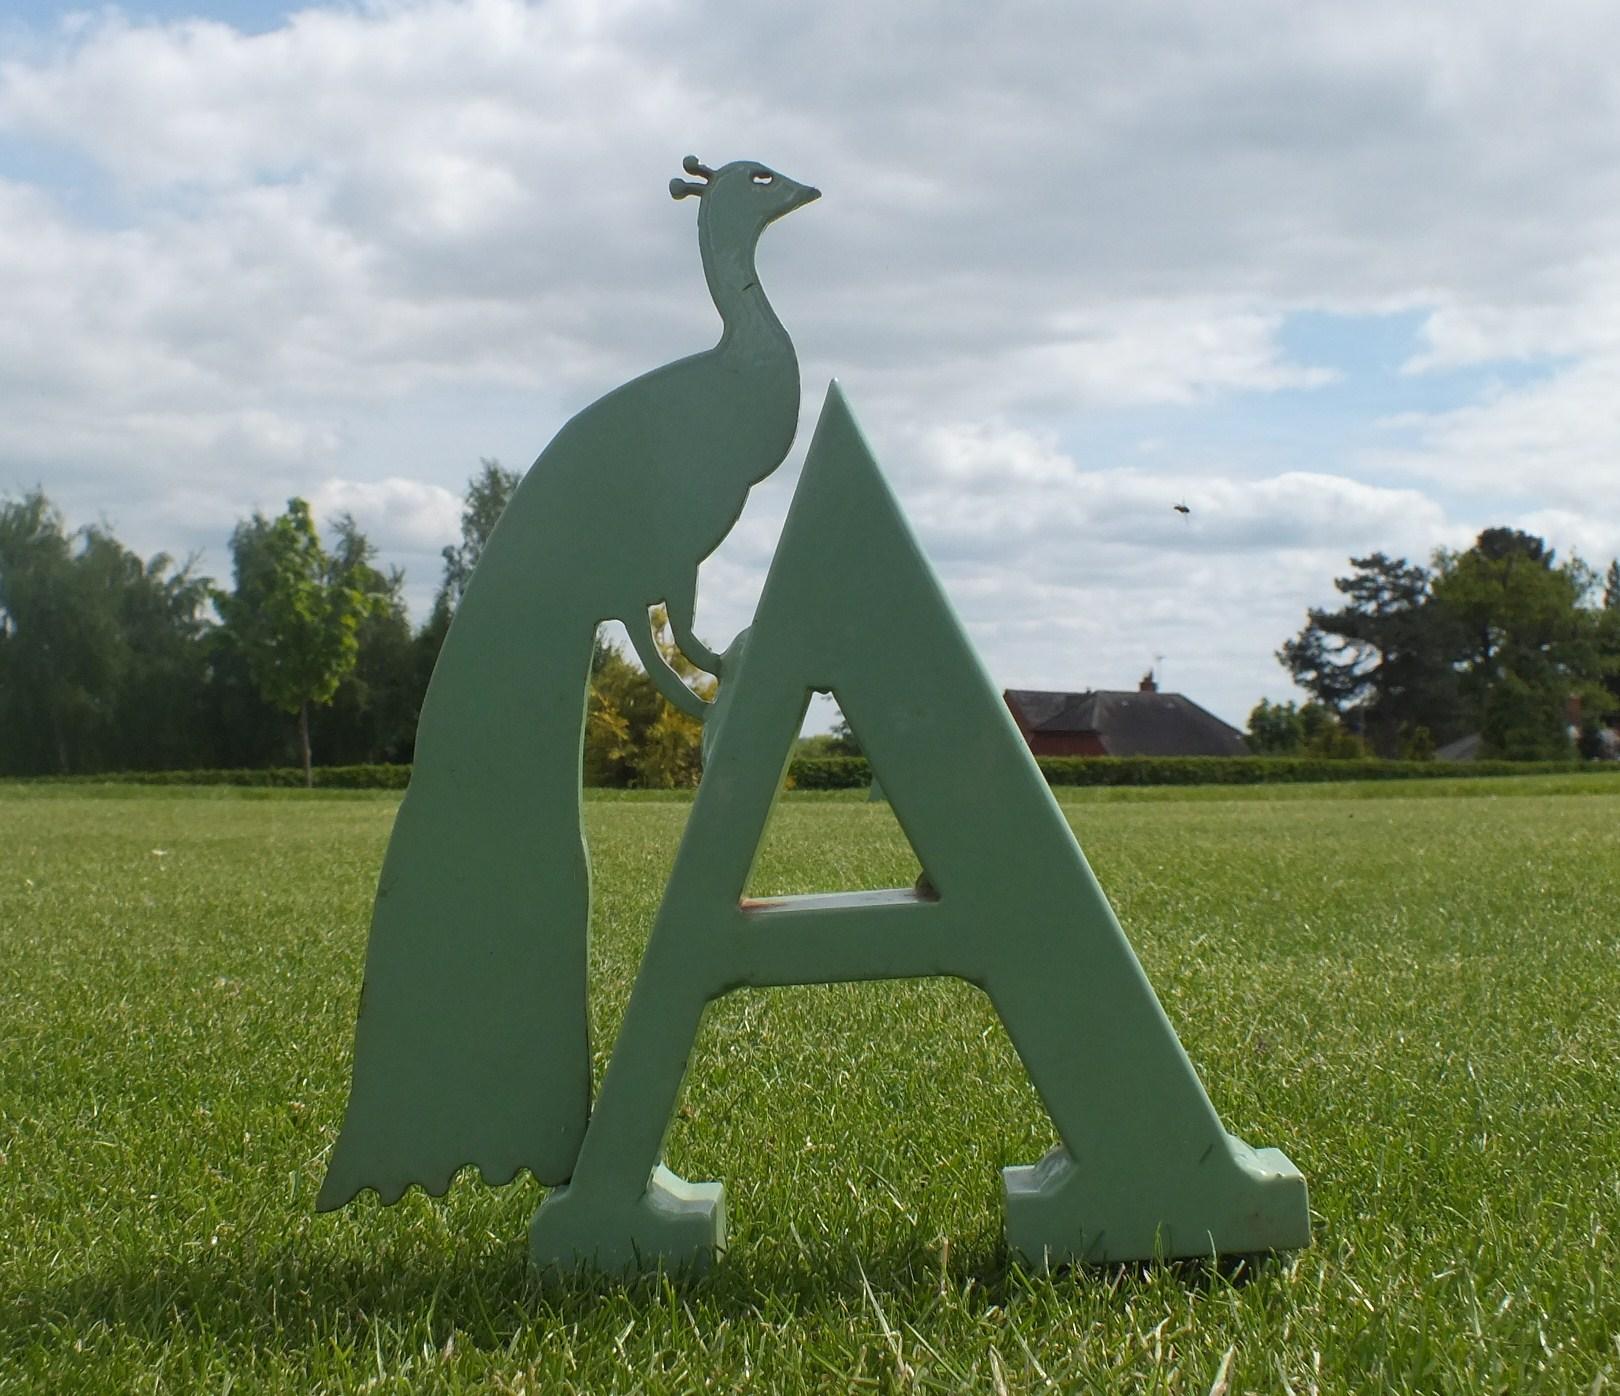 www.astburyhall.co.uk